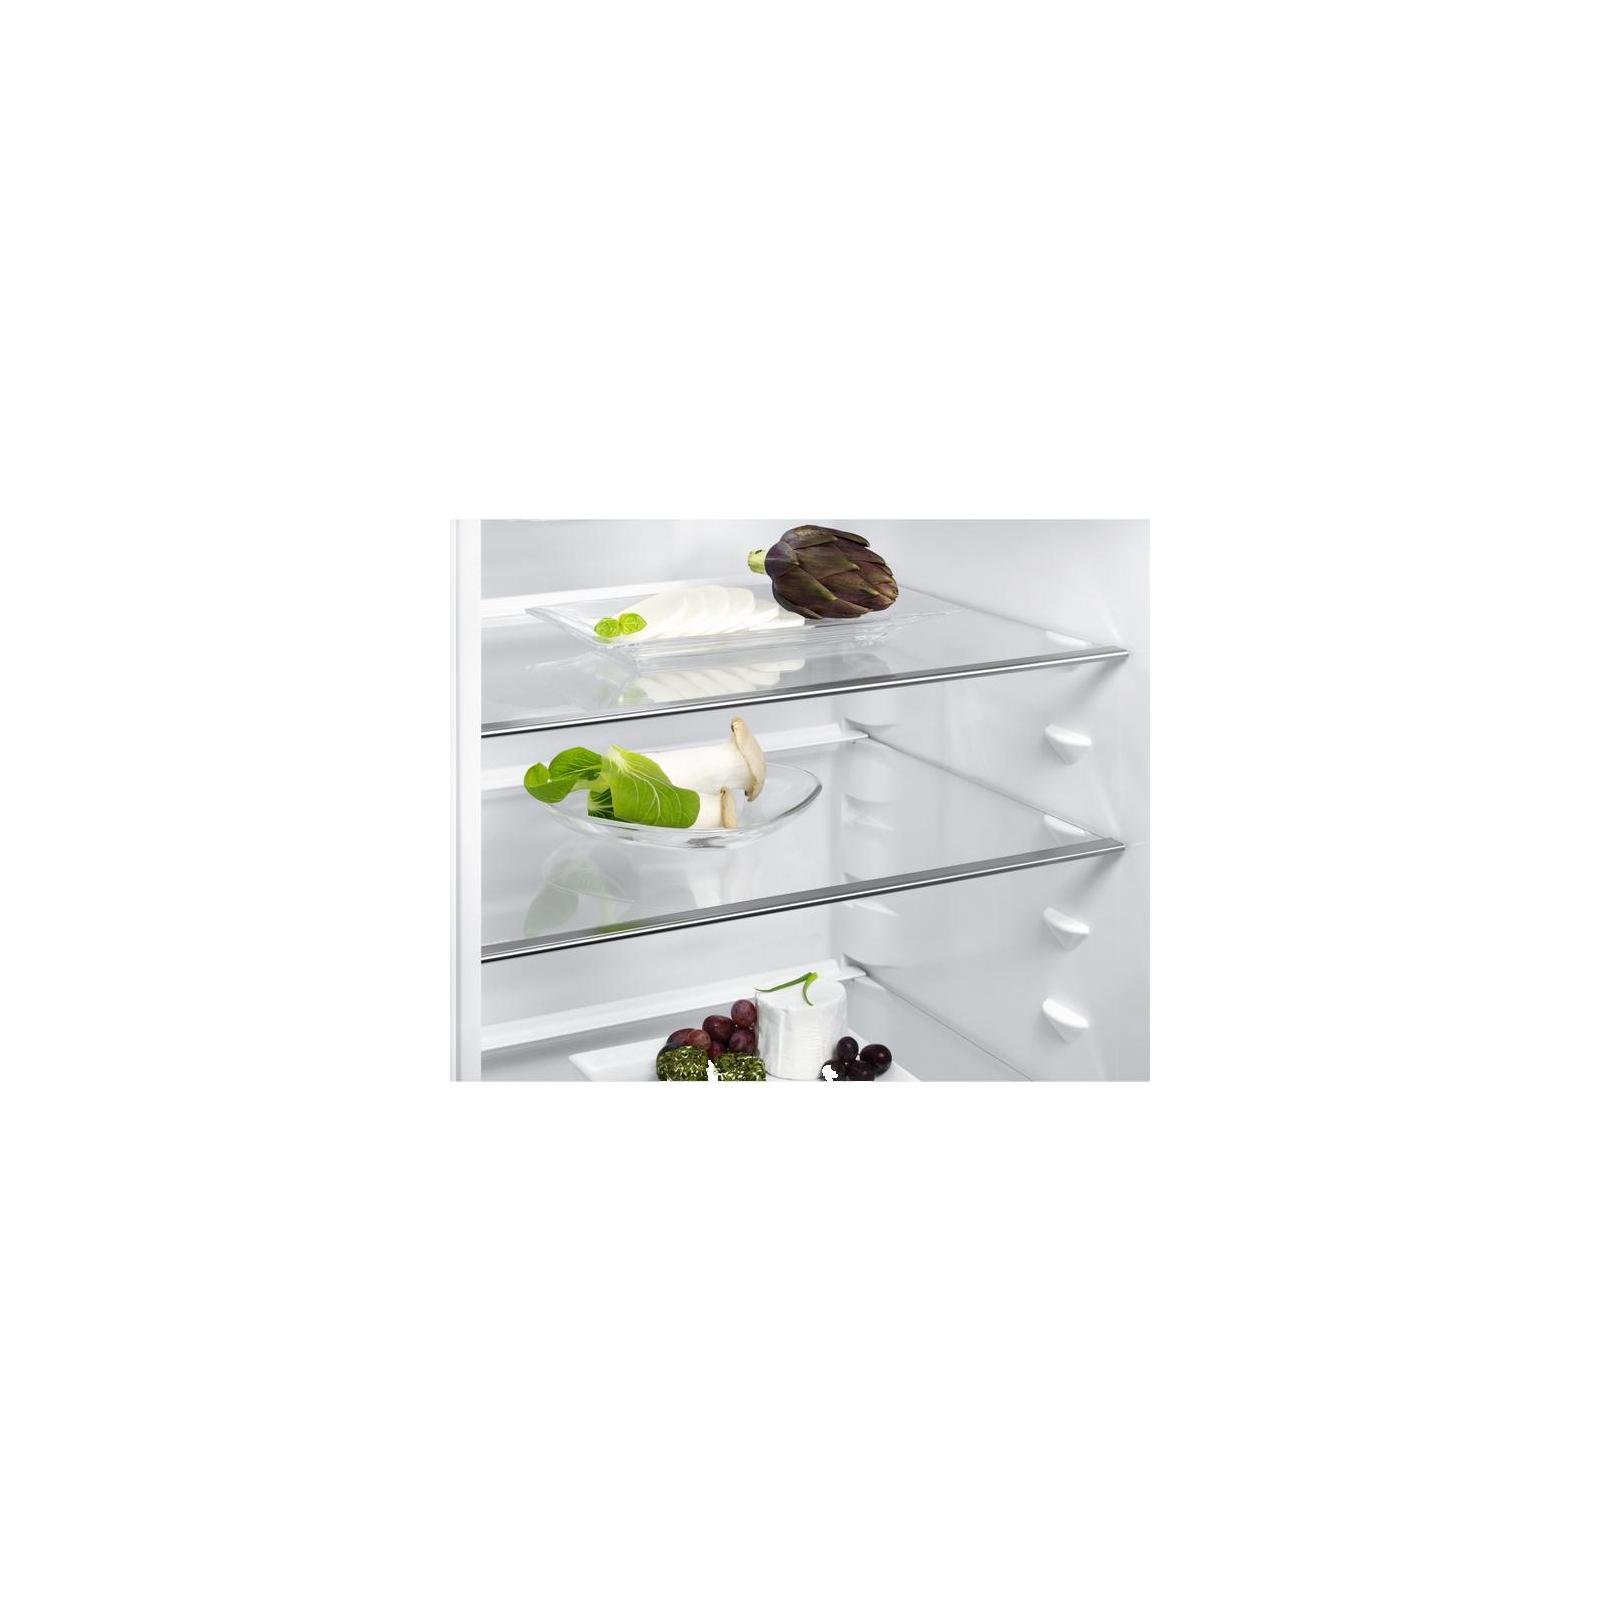 Холодильник ELECTROLUX EN3452JOX изображение 6